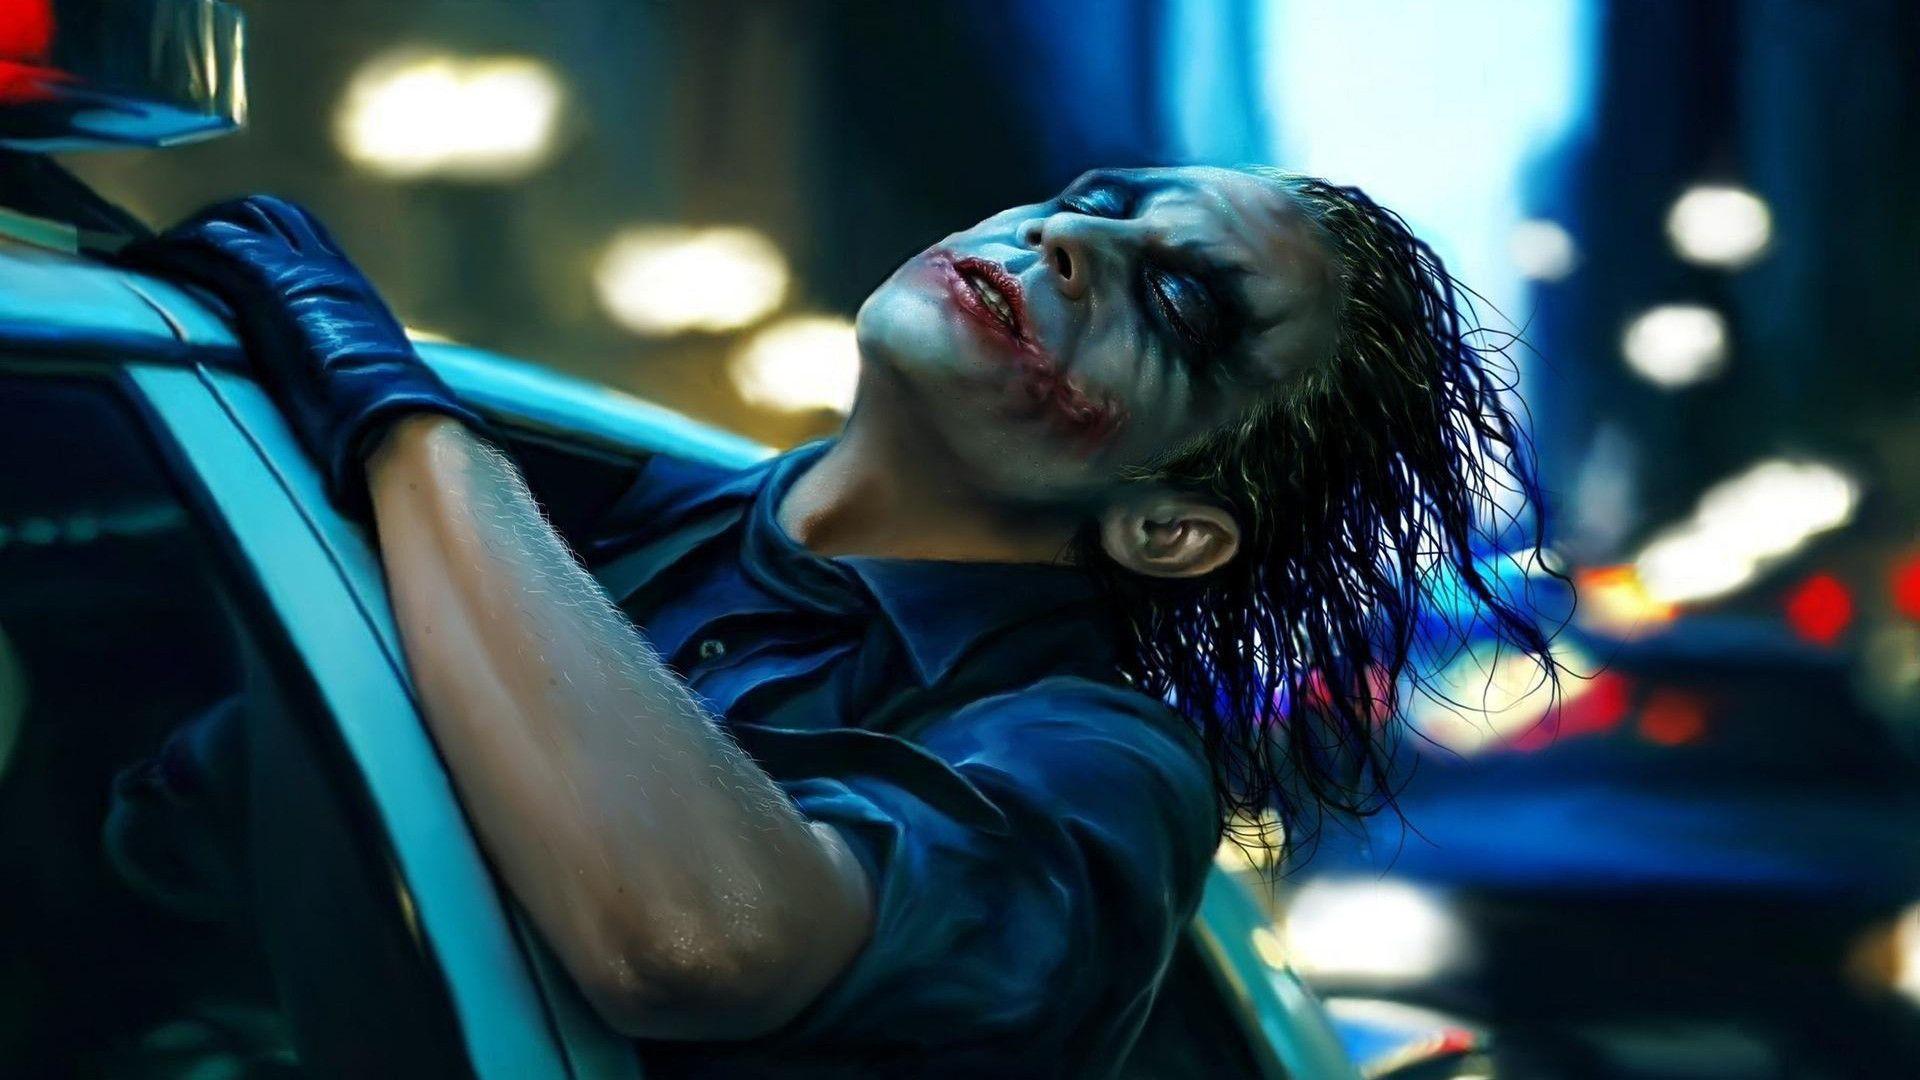 Joker Feeling Free!!! Joker hd wallpaper, Joker